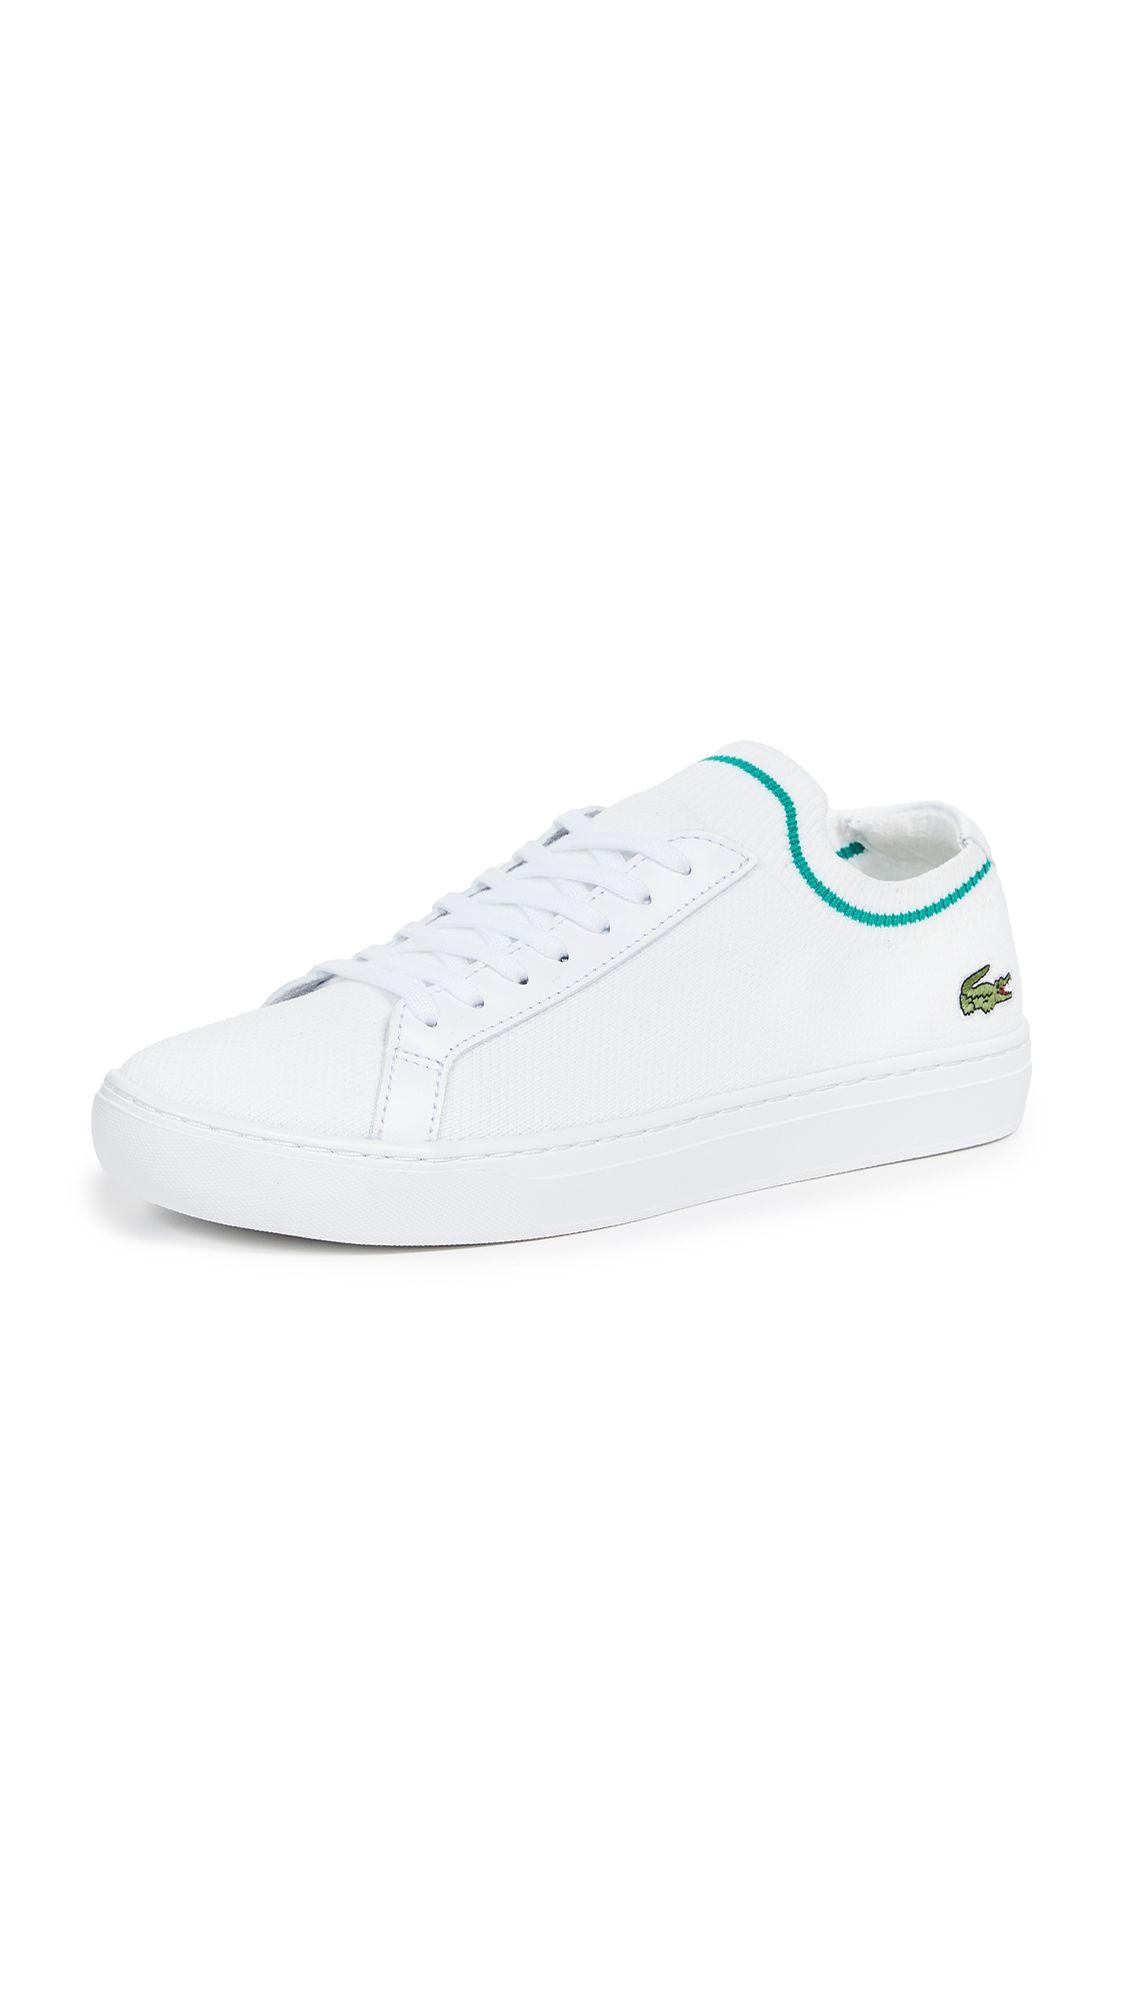 4bfb985a95f5 LACOSTE LA PIQUE TENNIS SNEAKERS.  lacoste  shoes